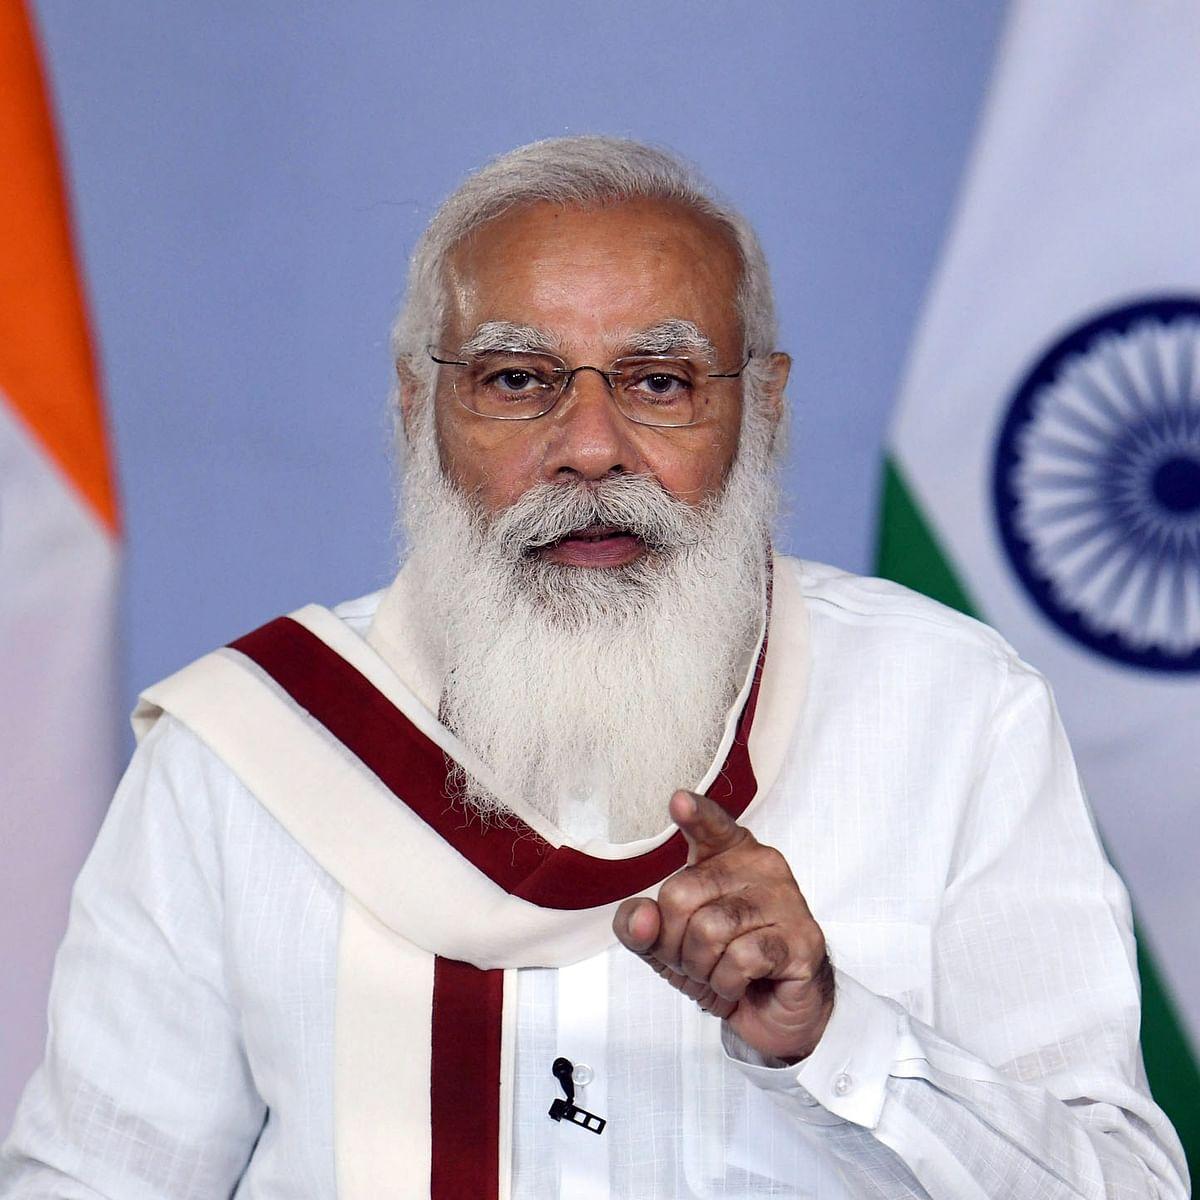 PM Modi to address 79th edition of 'Mann ki Baat' today